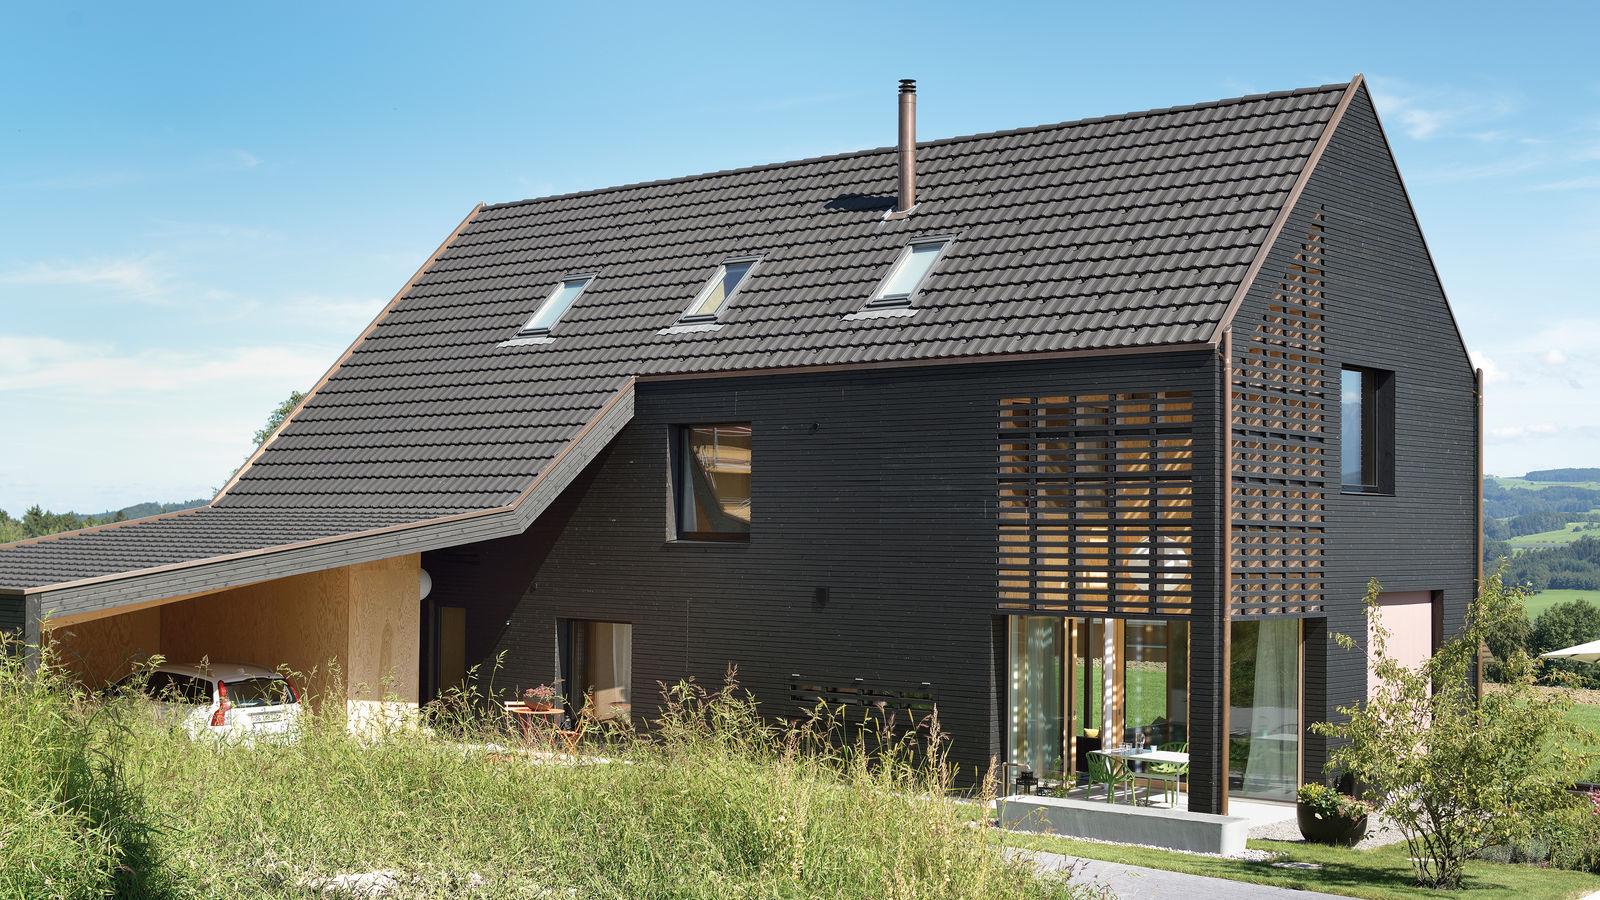 Aktuelle Artikel zum Thema «Einfamilienhaus» – Das Einfamilienhaus